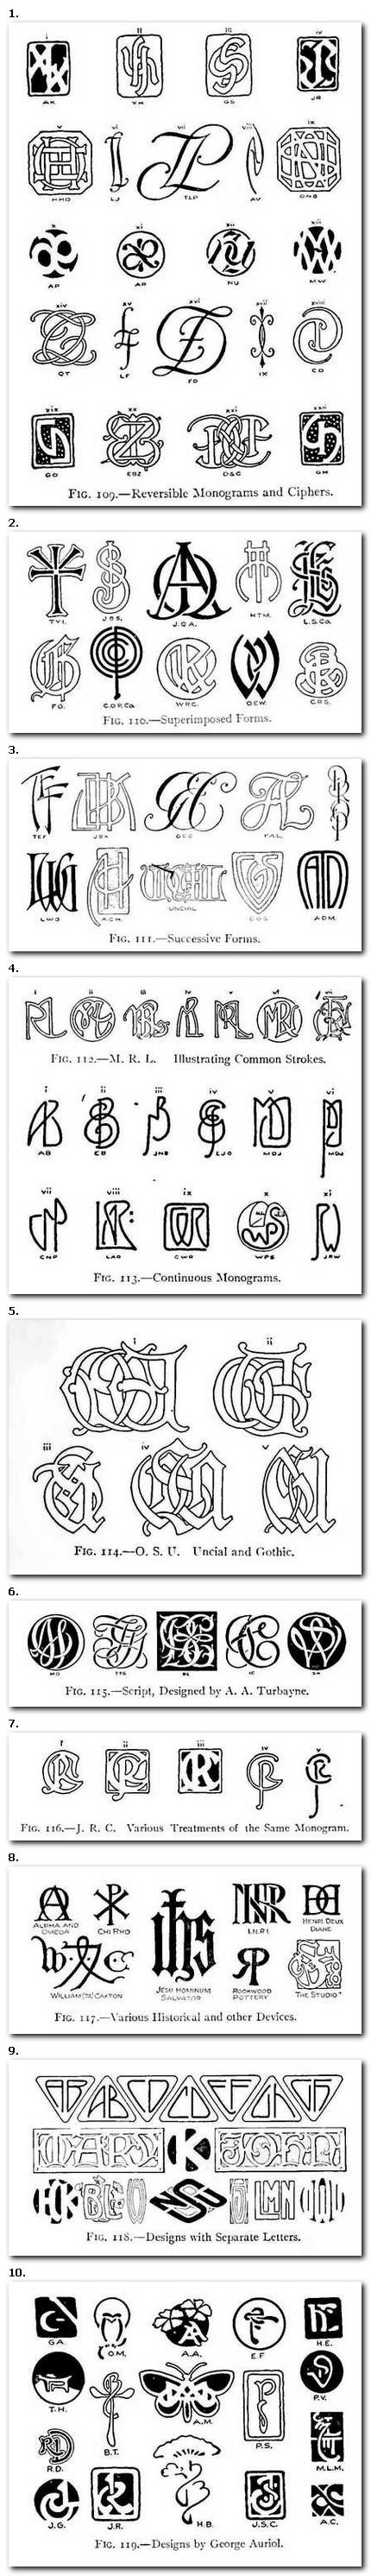 Exemple din cărţi vechi găsite pe net